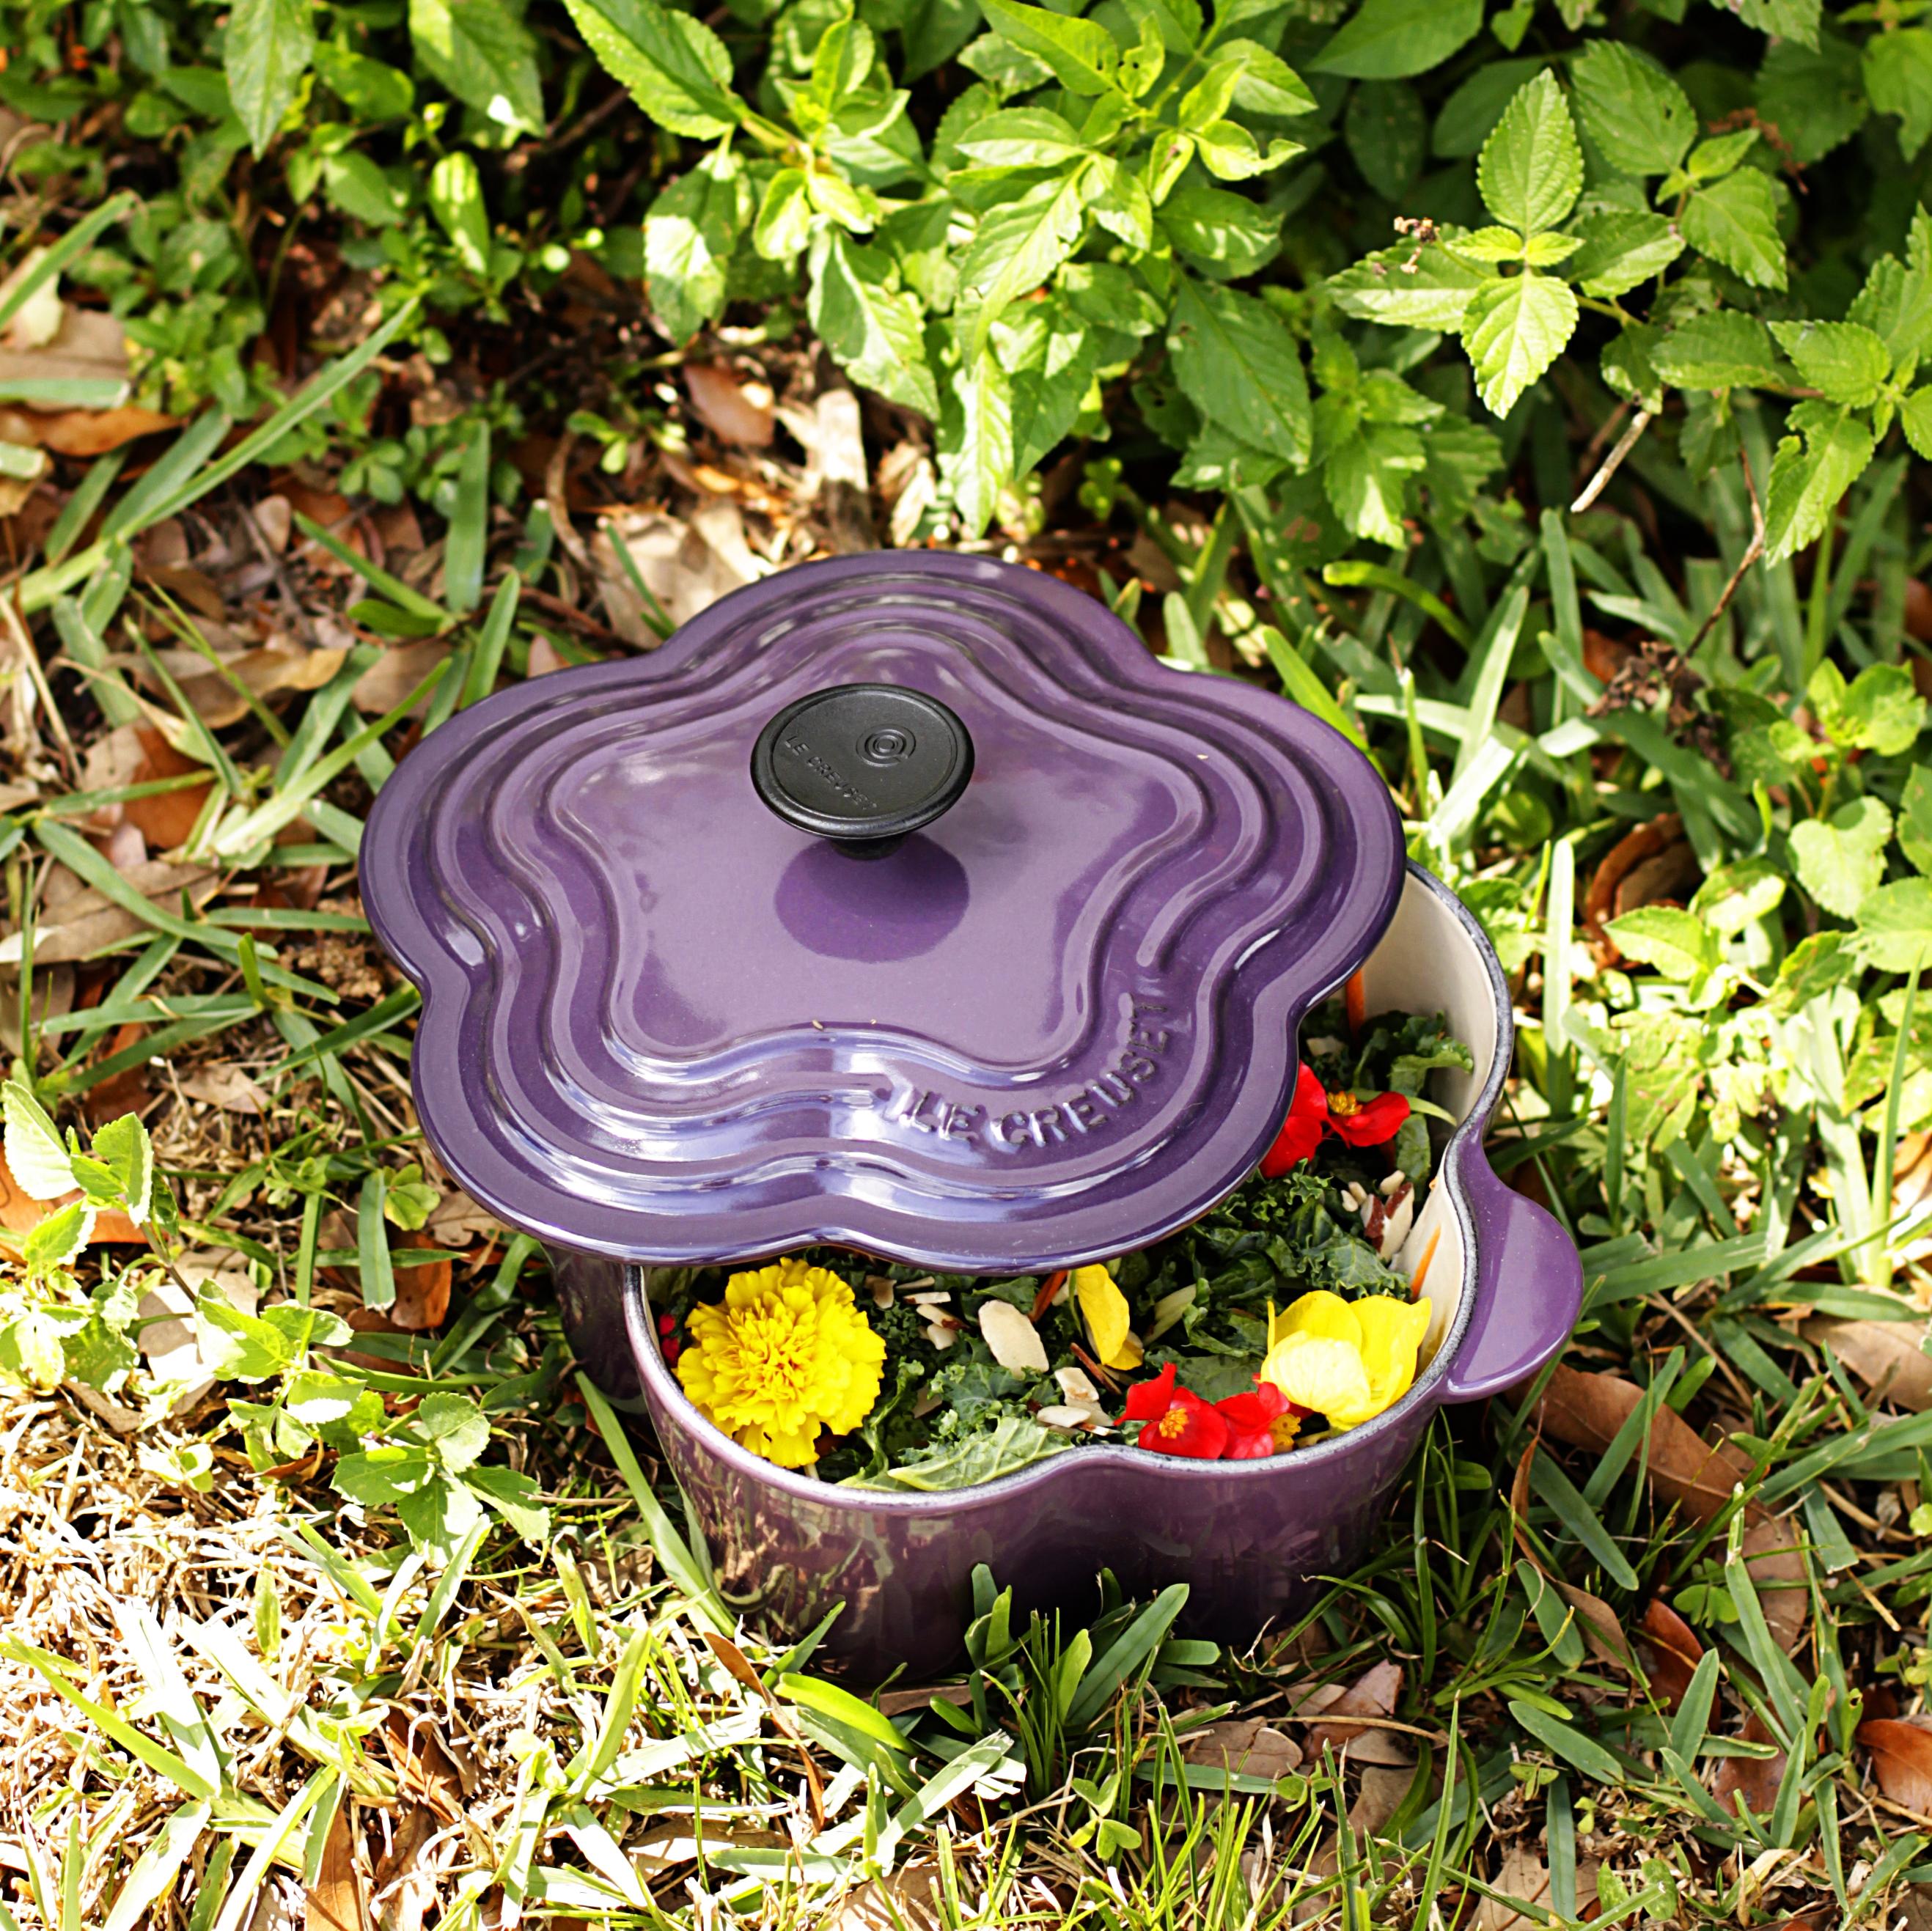 Le Creuset Cassis Enameled Cast Iron 2.25 Quart Flower-Shaped Cocotte